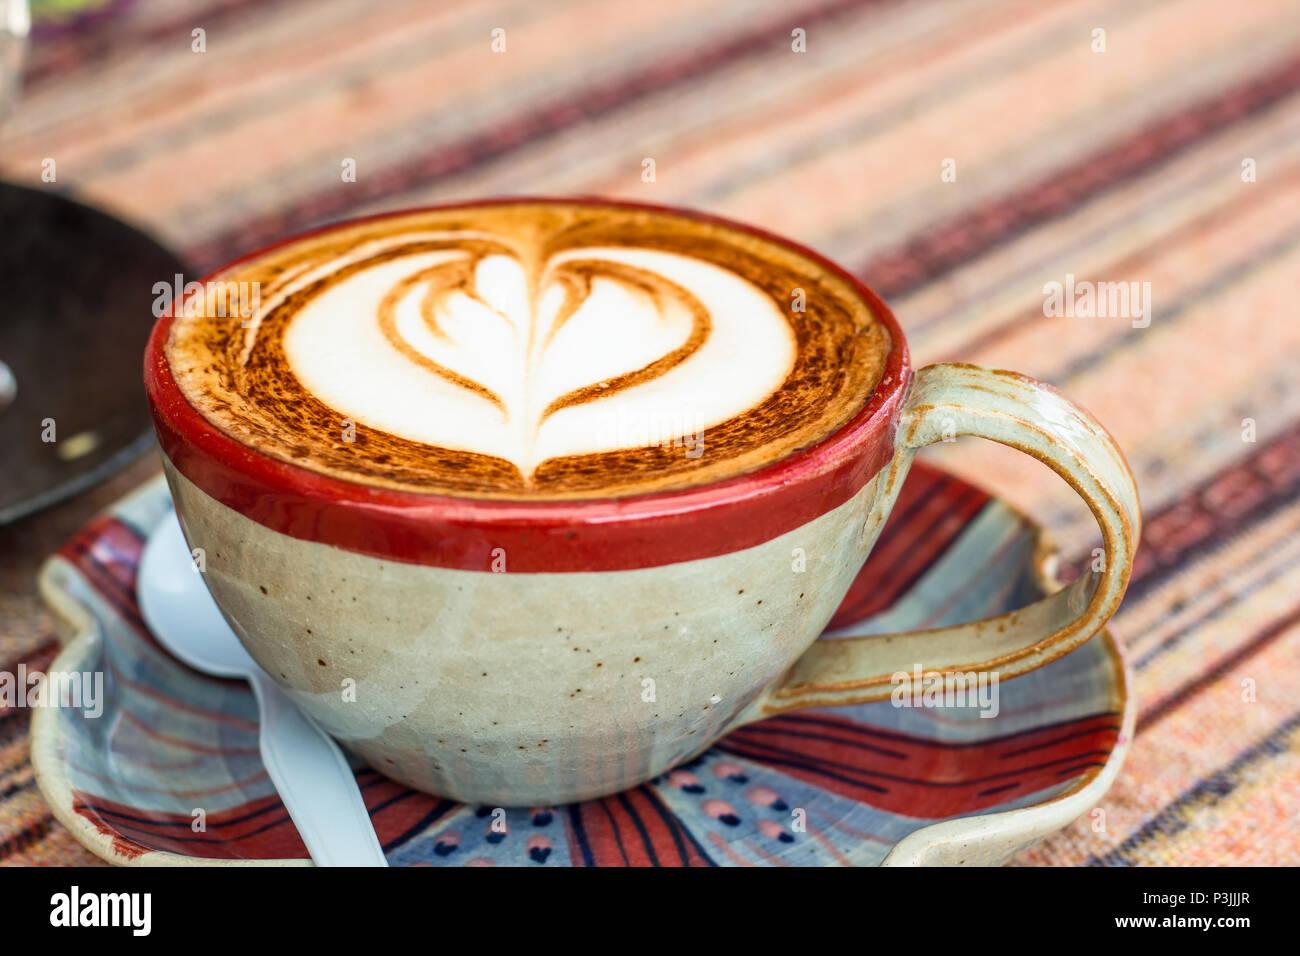 Hot caffè moca. Tazza di caffè caldo con bella arte. La colazione del mattino con caffè caldo latte art sulla tabella. Immagini Stock